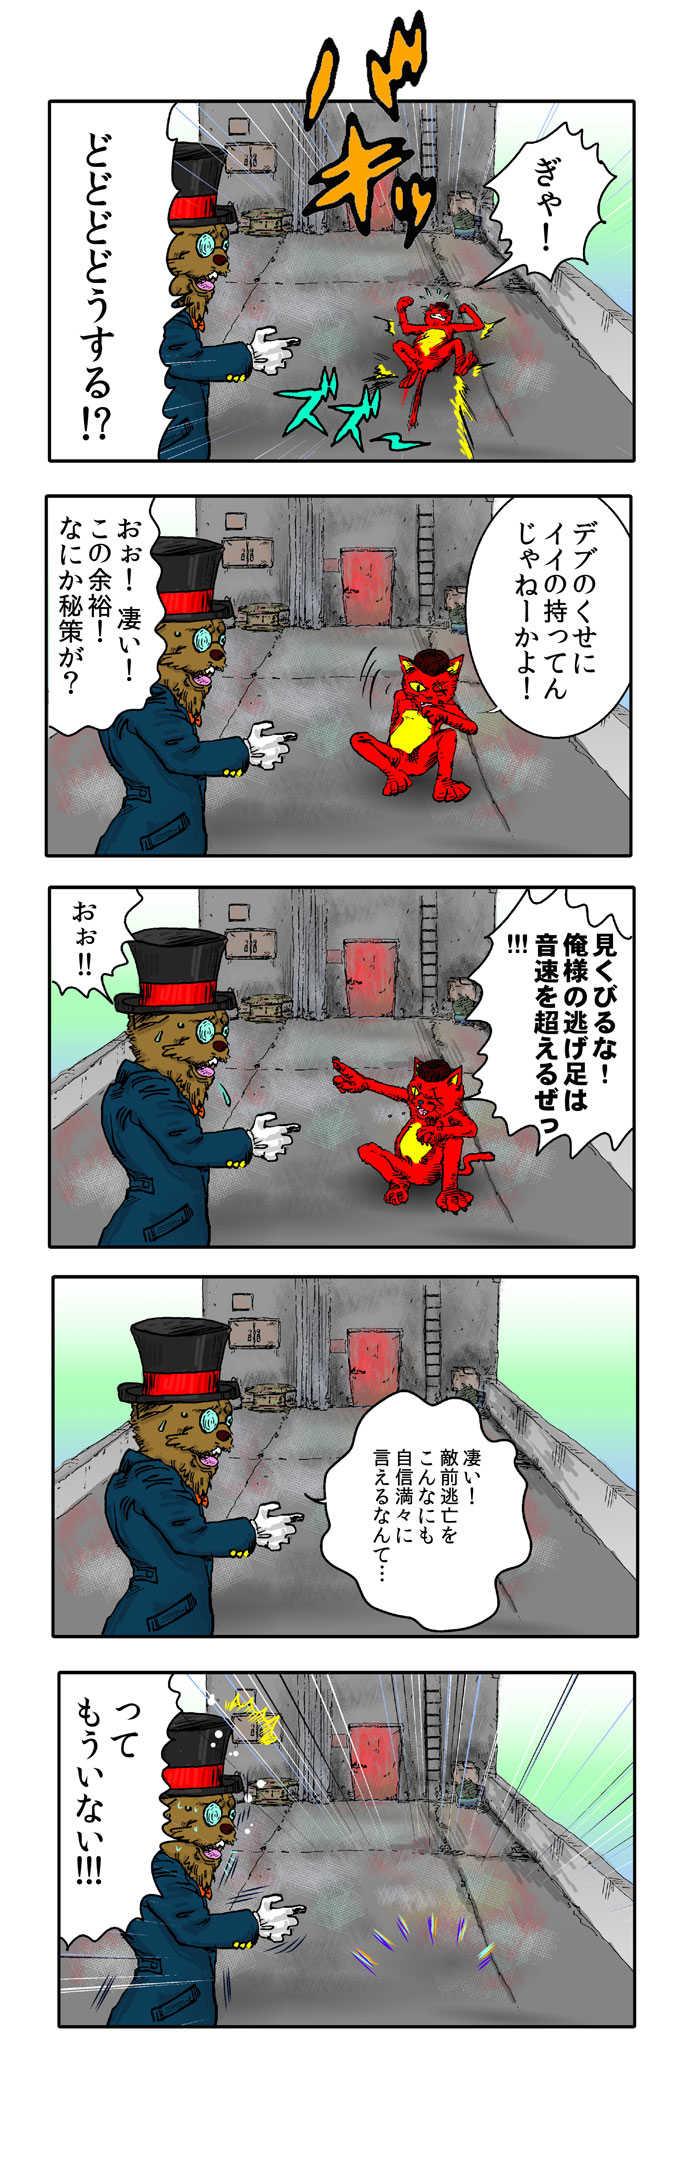 第三話 インフィニティ・ライブス